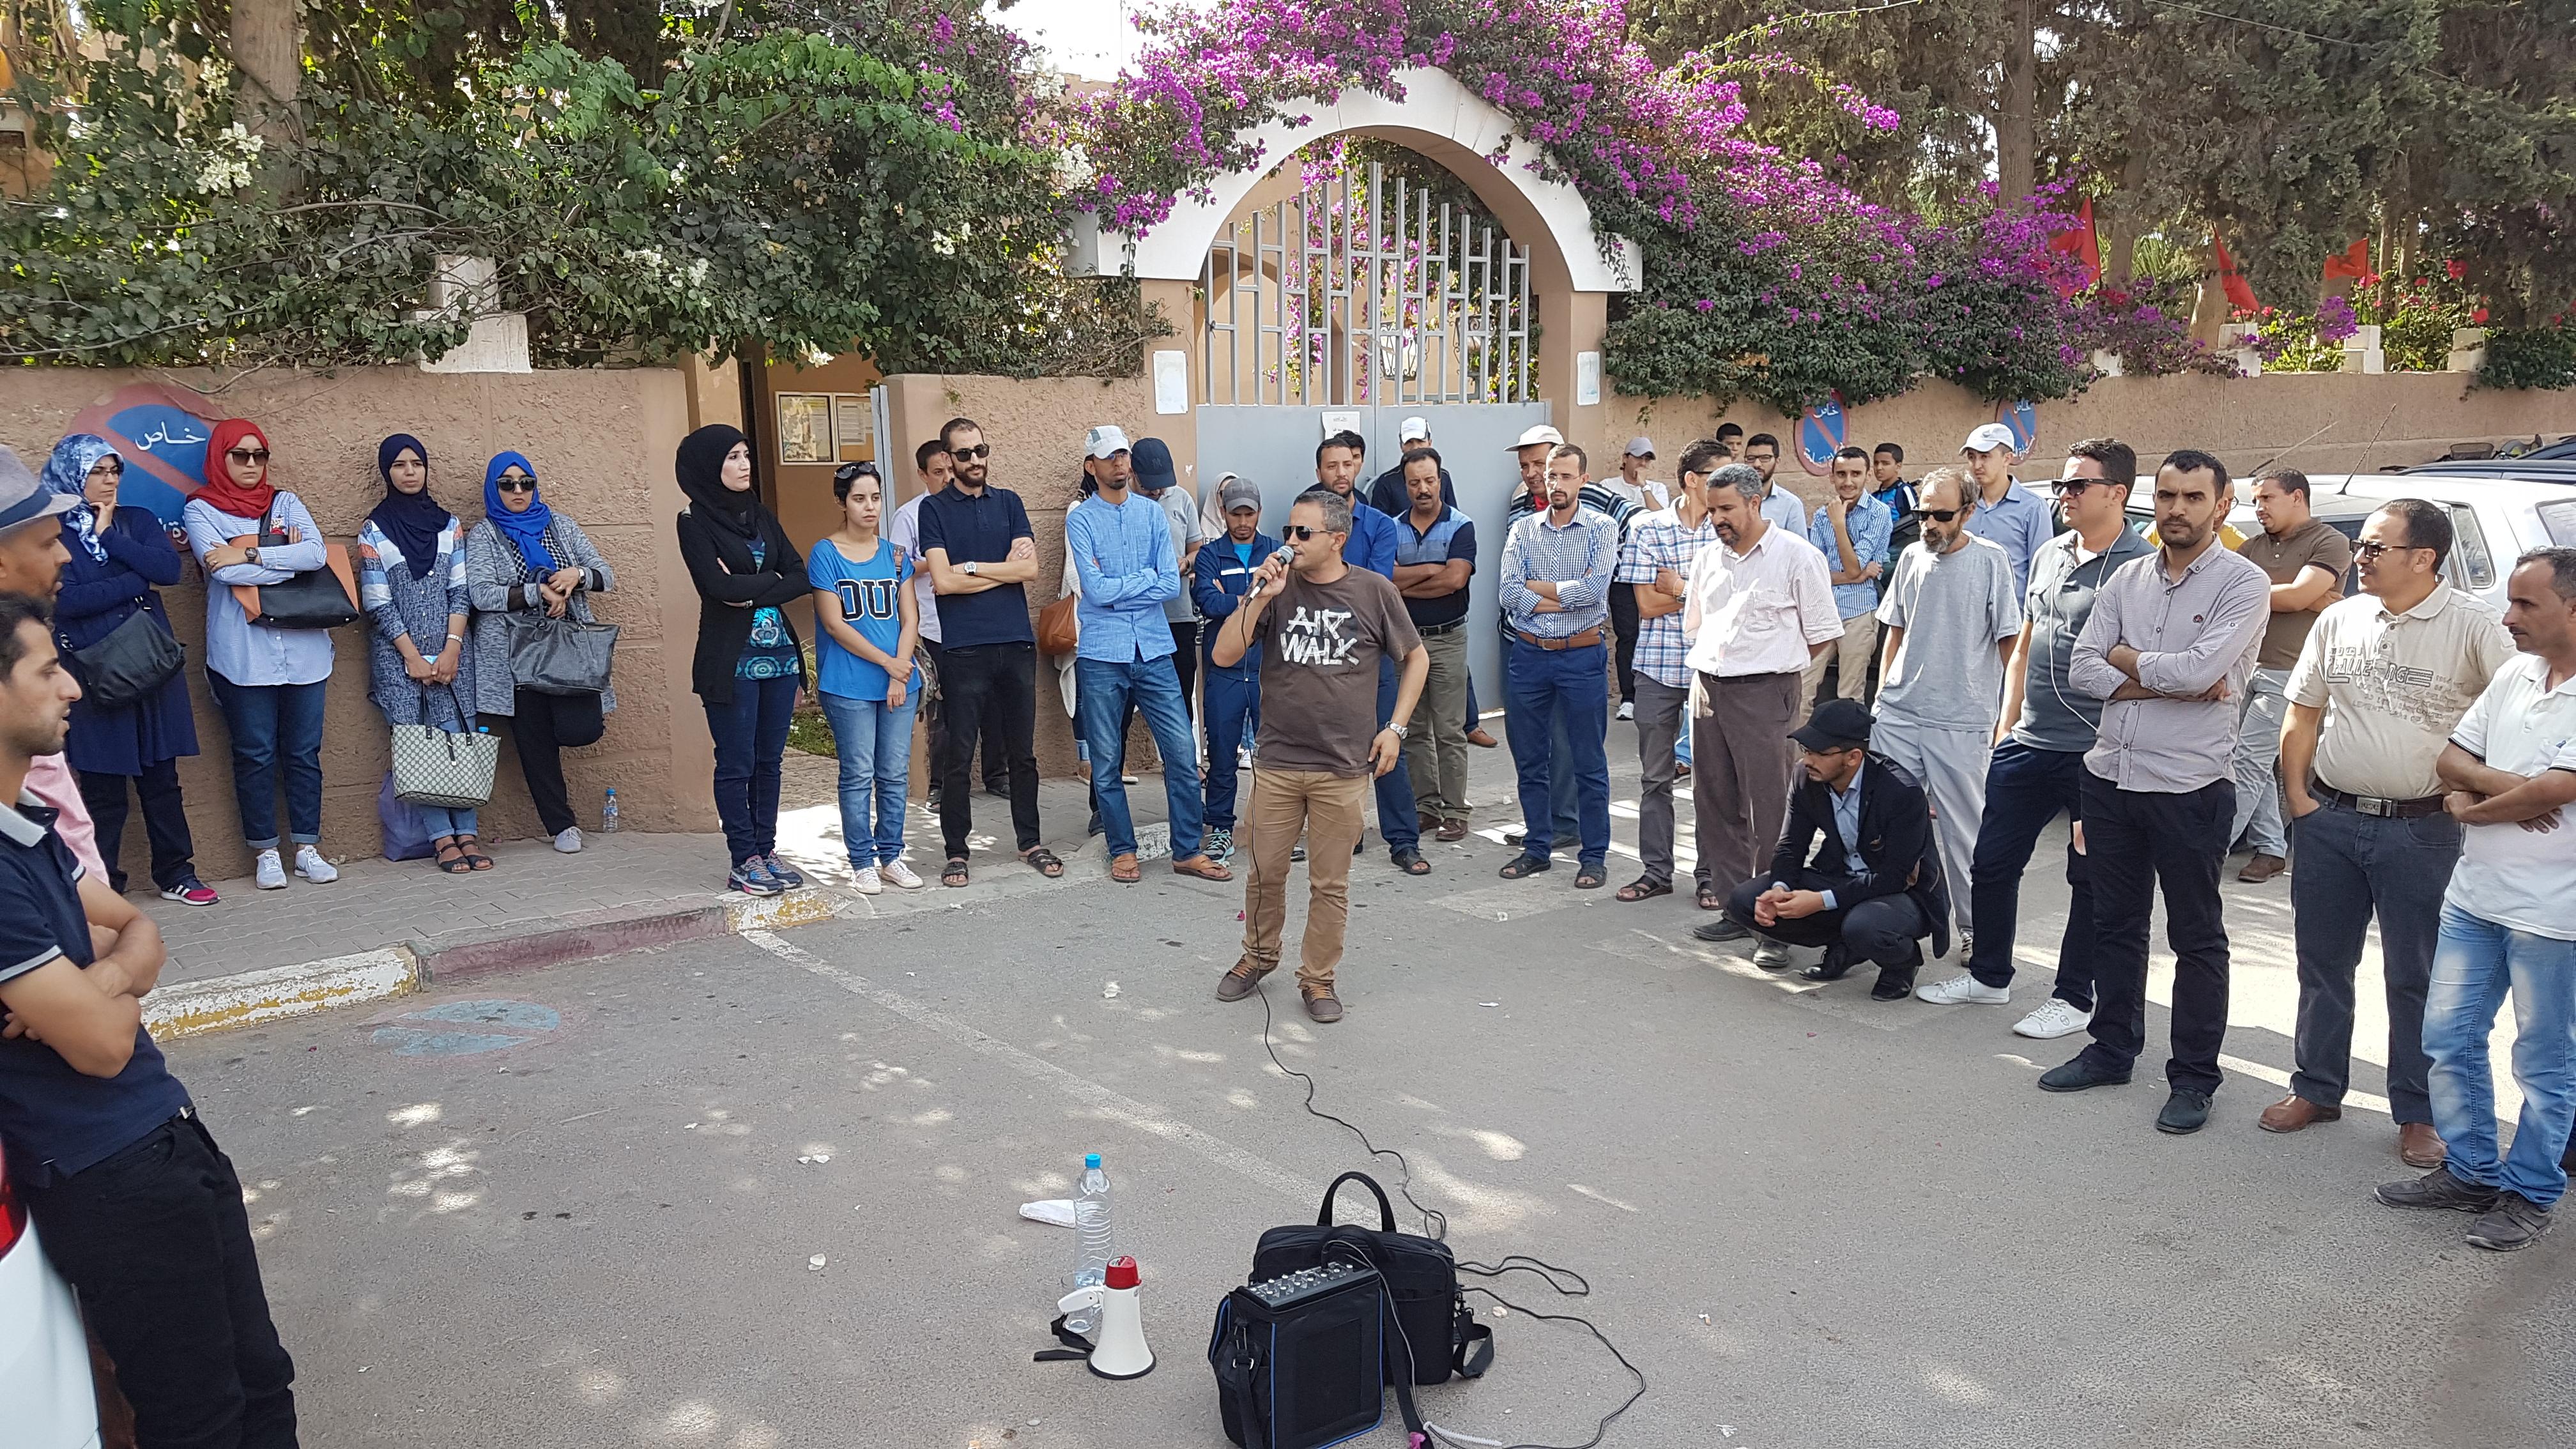 أساتذة يحتجون أمام مديرية التعليم بتيزنيت + صور